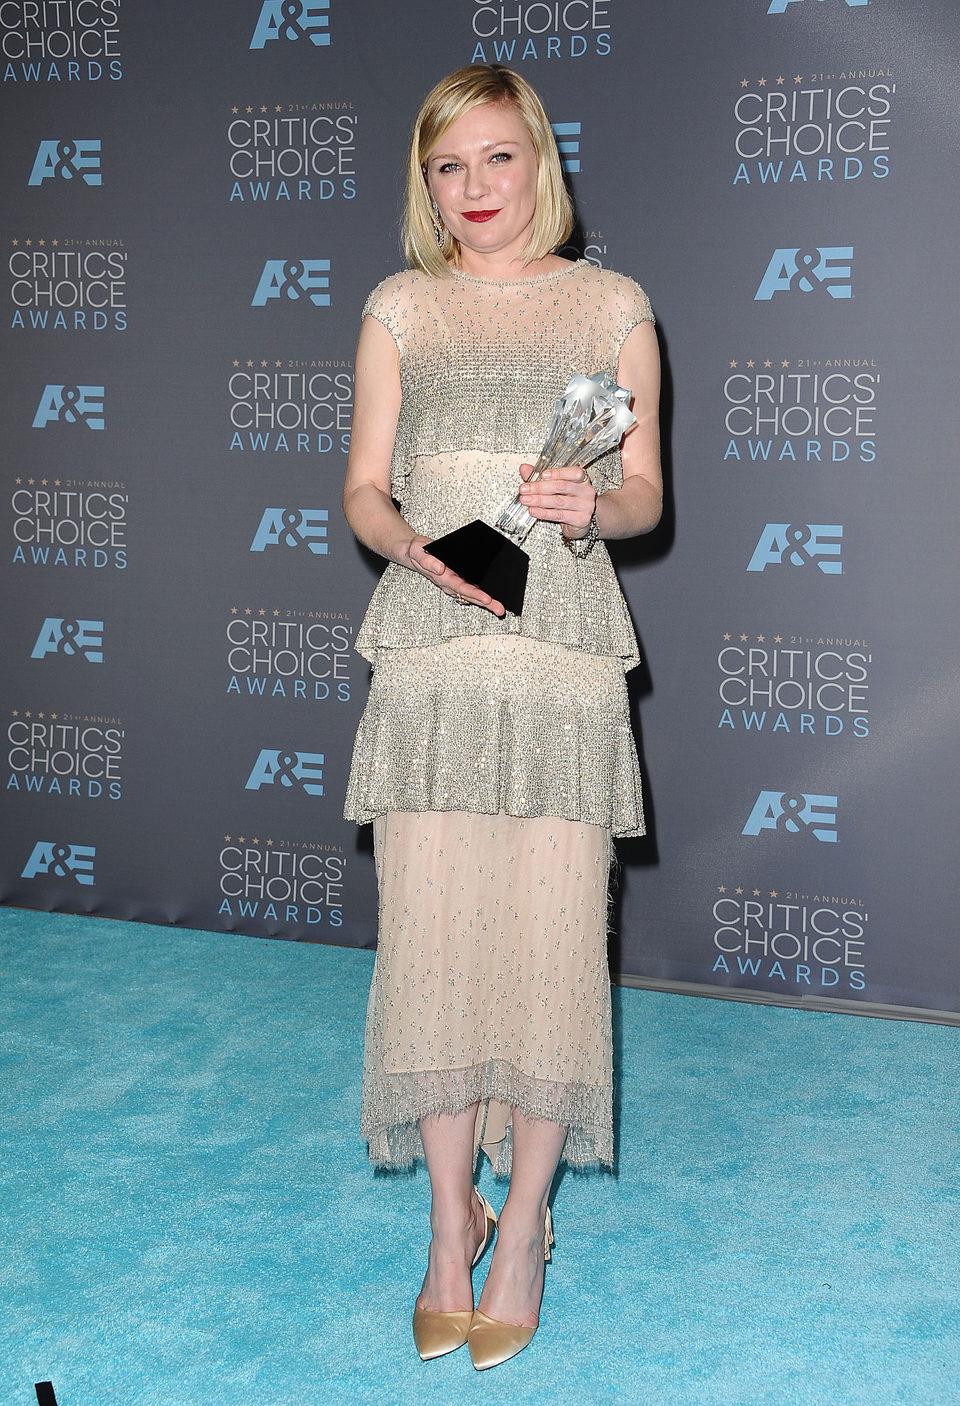 Kirsten Dunst tras recibir su premio por 'Fargo' en los Critics Choice Awards 2016